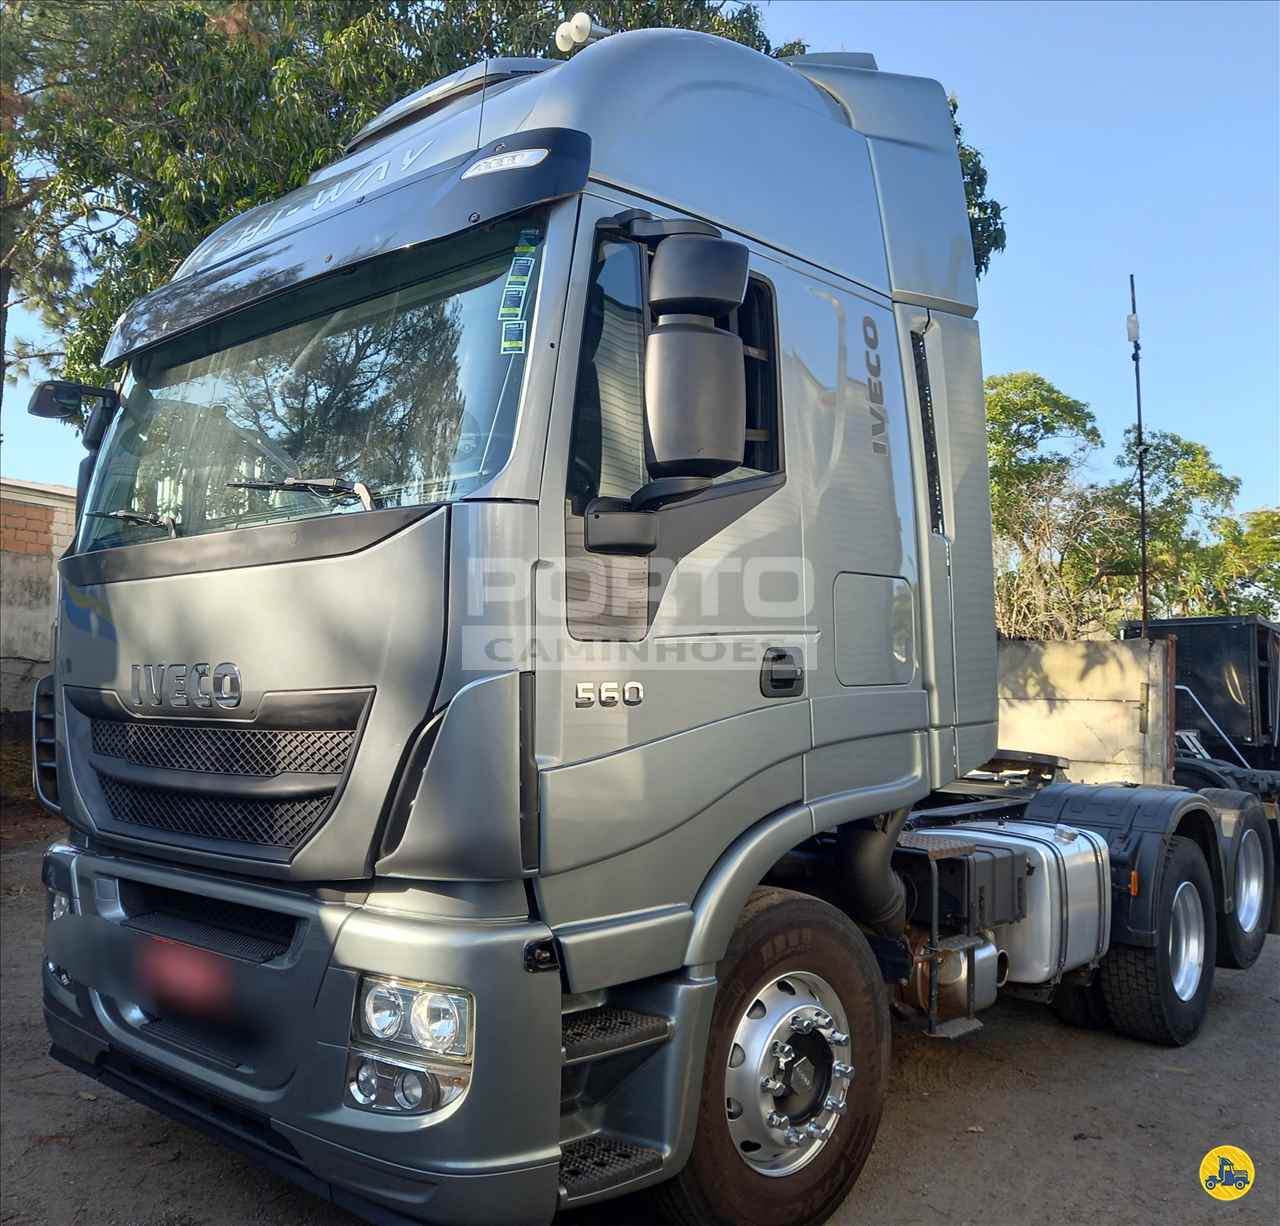 CAMINHAO IVECO STRALIS 560 Cavalo Mecânico Truck 6x2 Porto Caminhões GUARULHOS SÃO PAULO SP